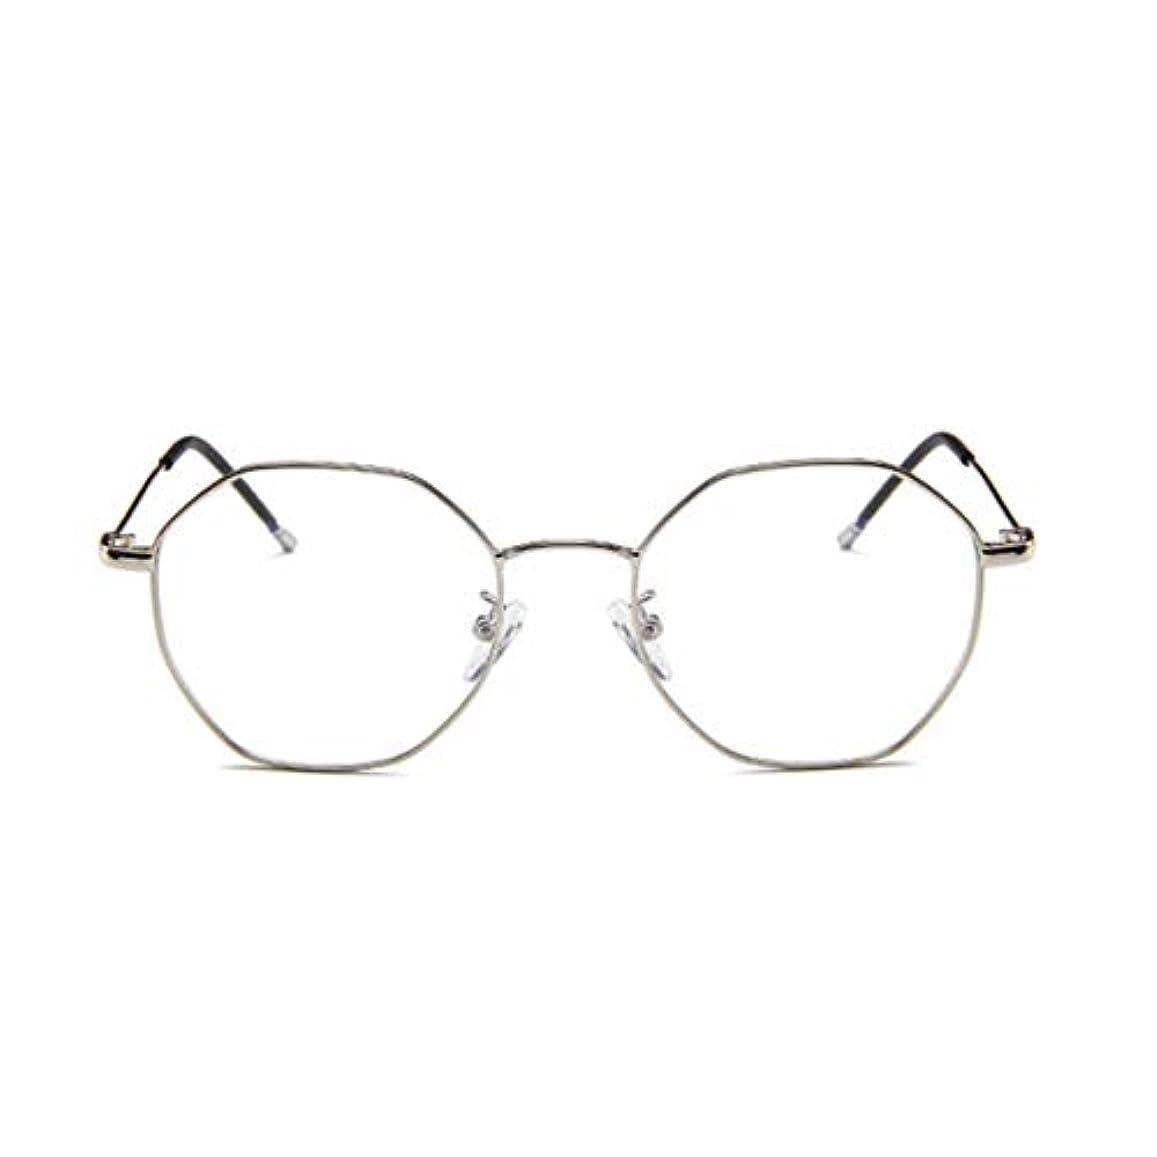 タイトル地殻議題ファッションメガネ近視多角形フレーム韓国語版メタルフレーム男性と女性のための不規則なフラットガラス-スライバー-